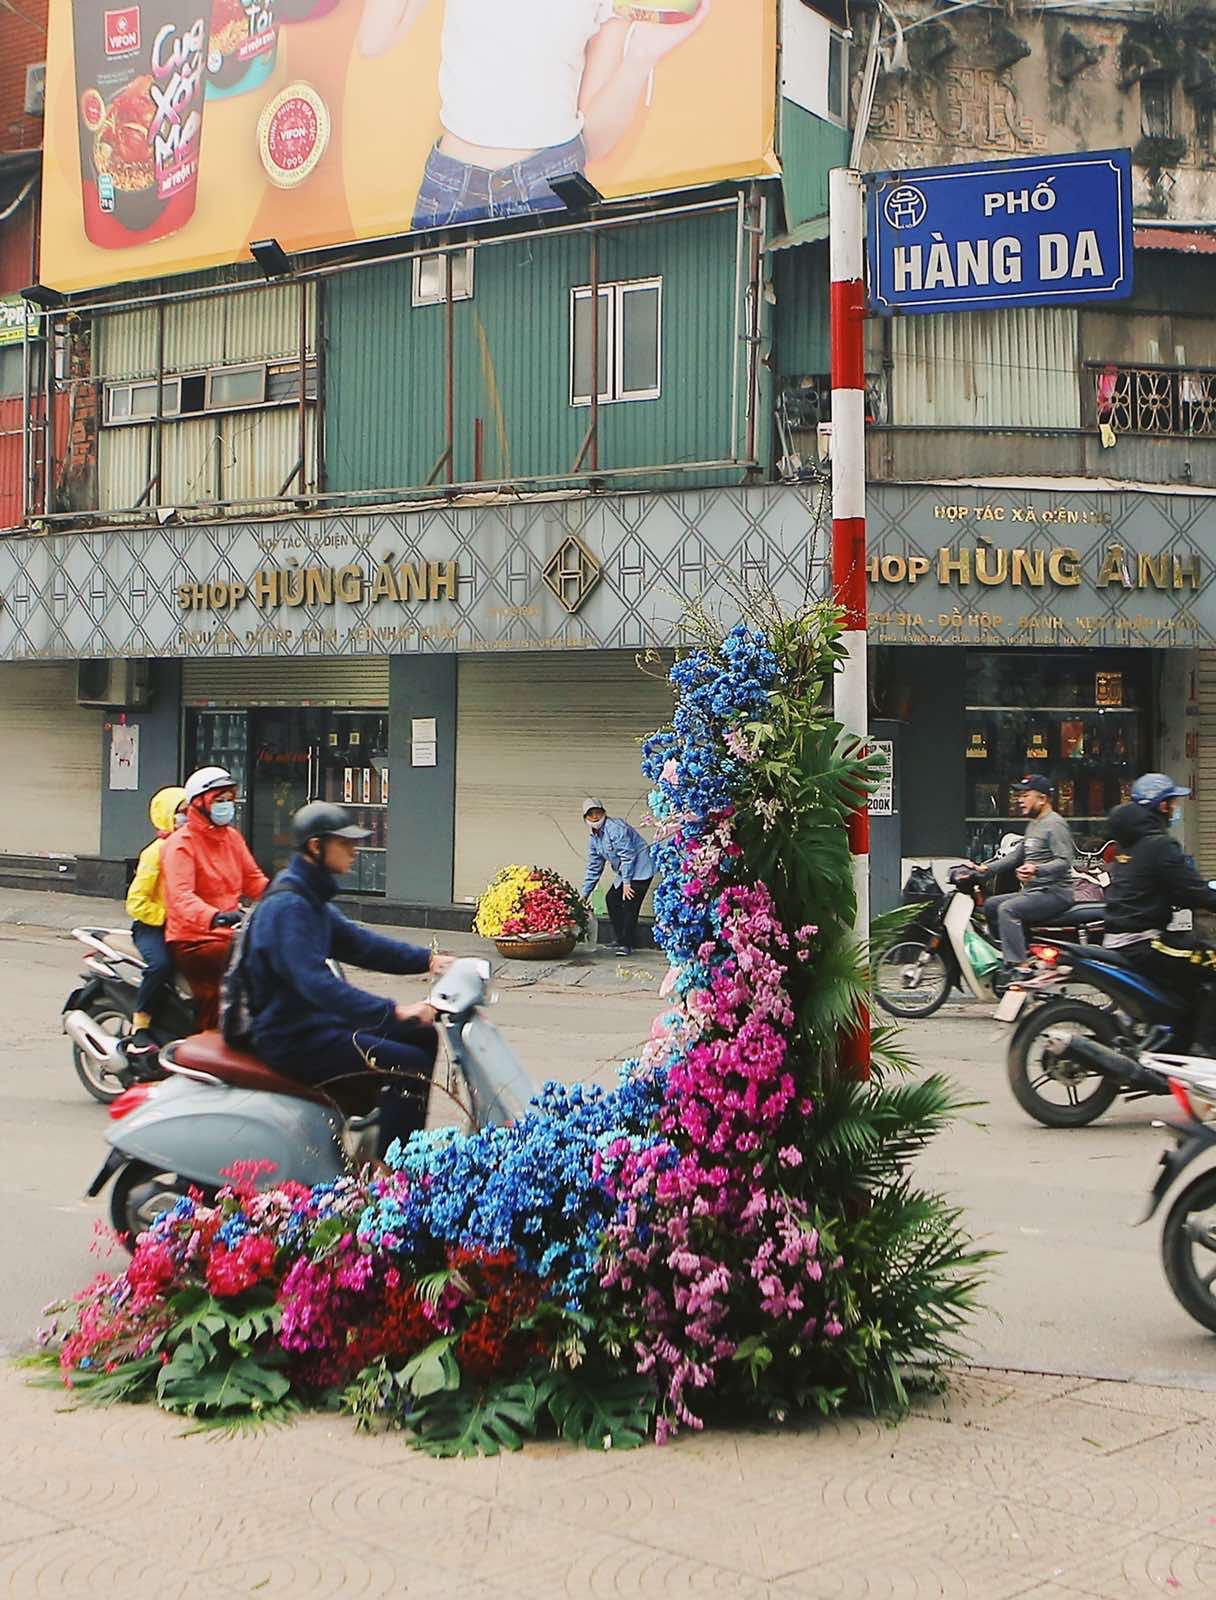 Spotlight ngày 8/3: Hàng loạt cột đèn ở Hà Nội 'nở hoa' khiến dân tình xỉu dọc, xỉu ngang 0